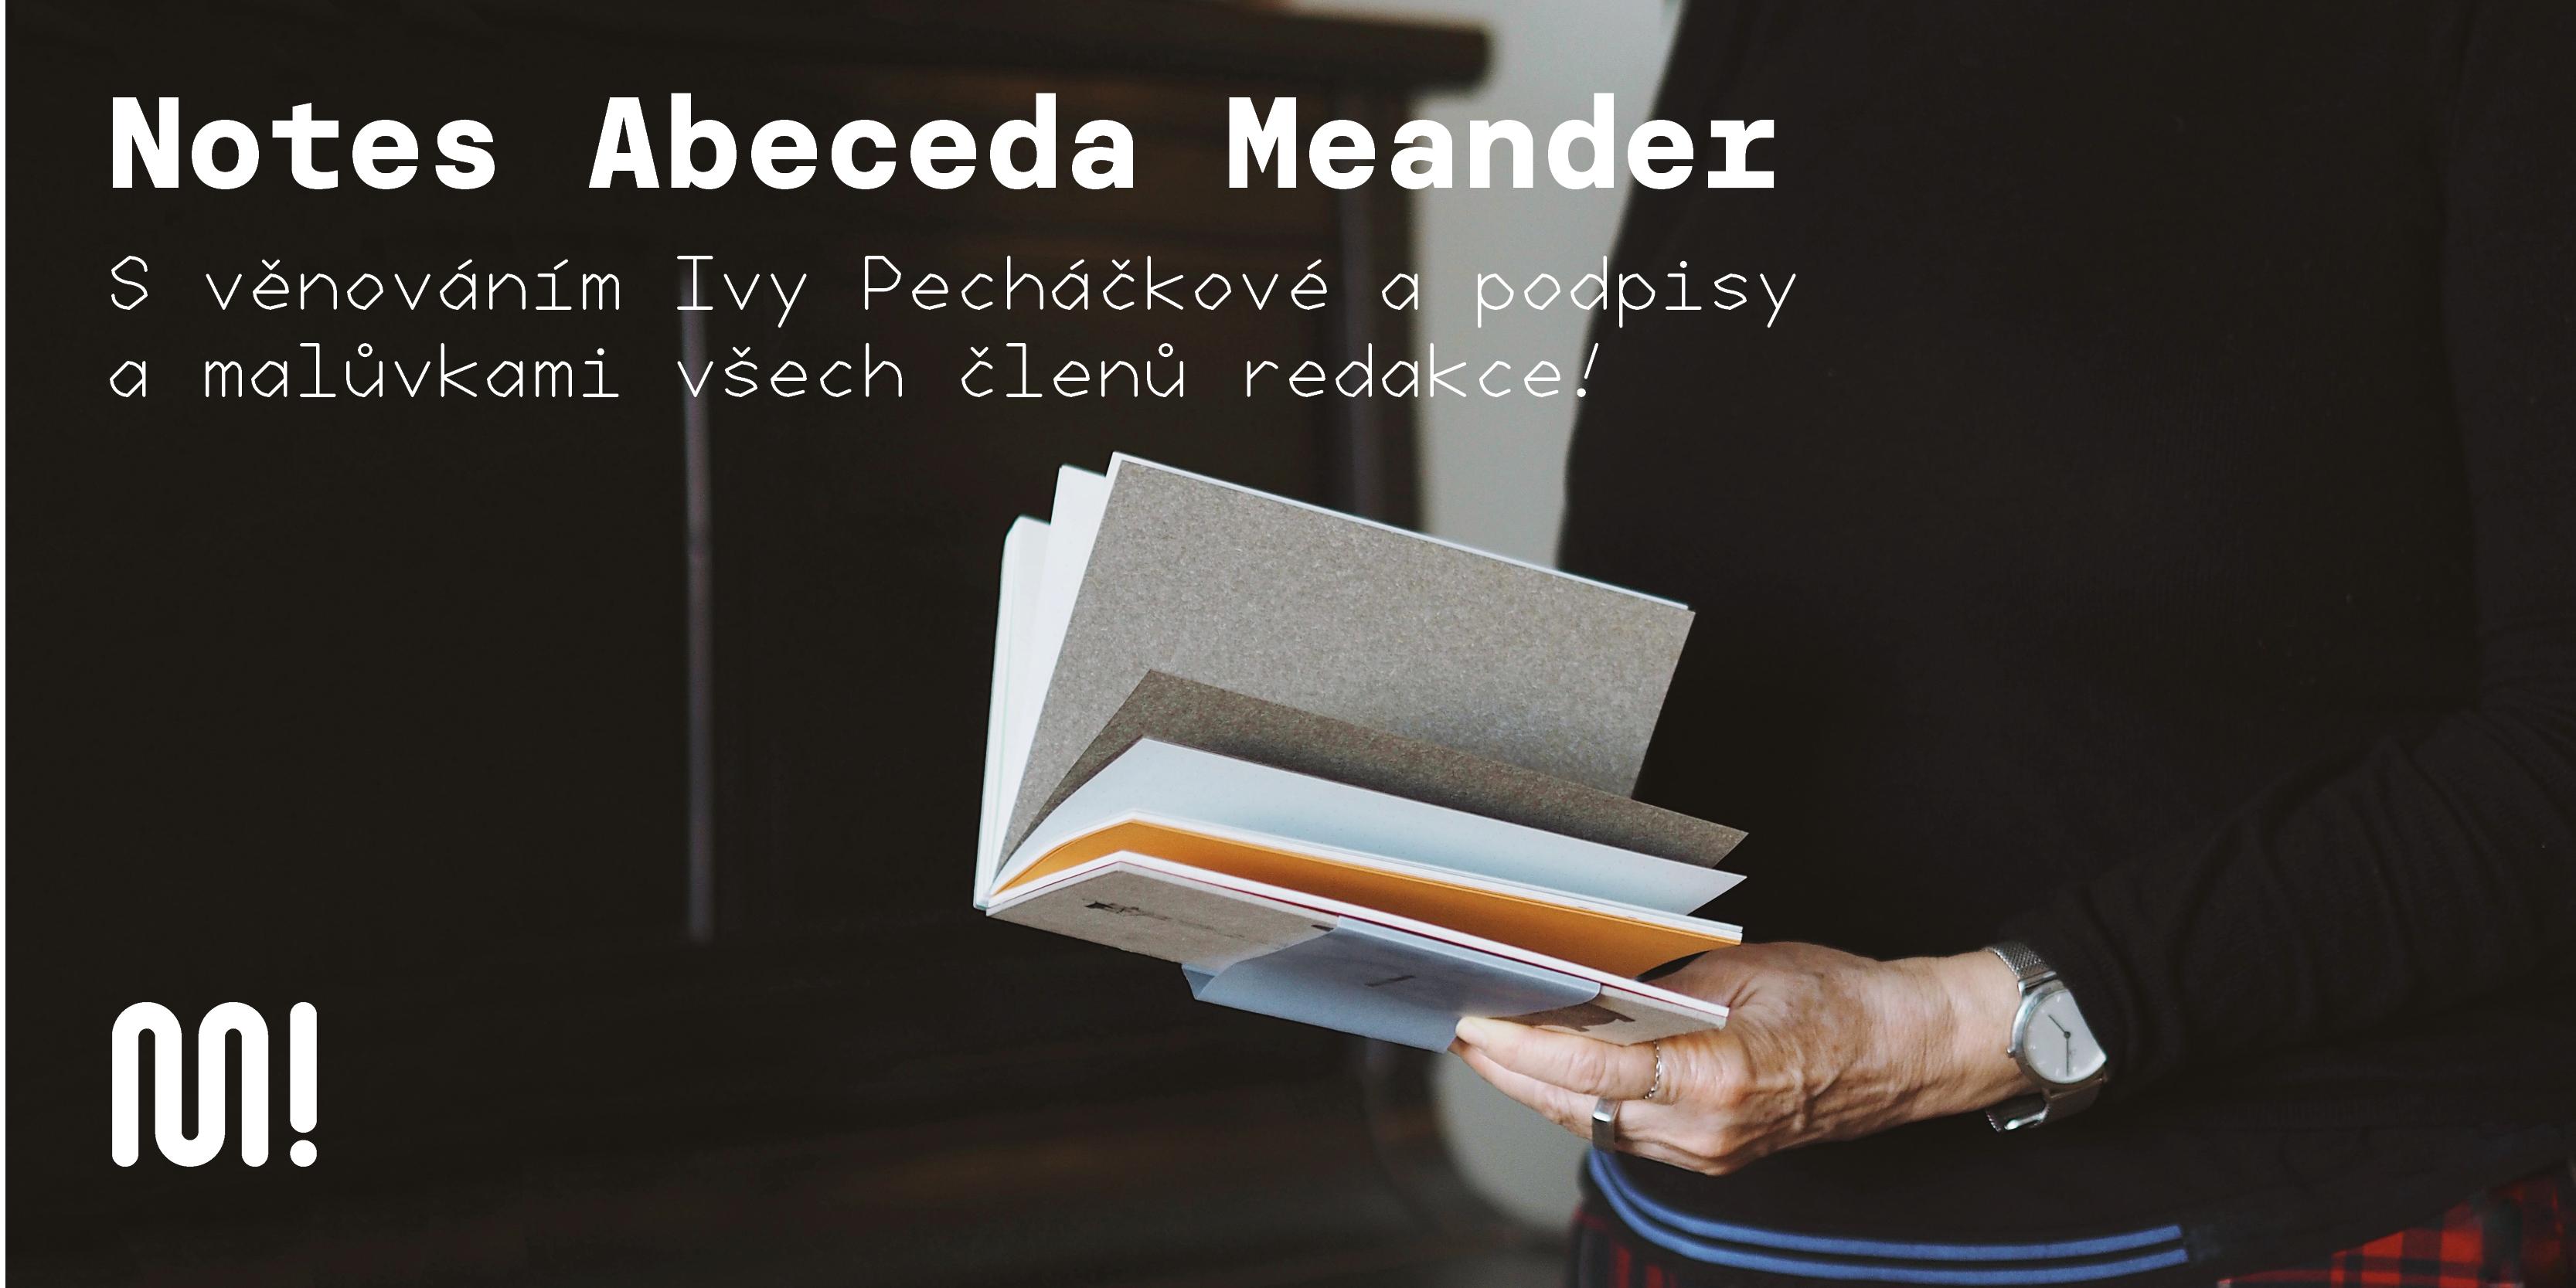 Notes Abeceda Meander